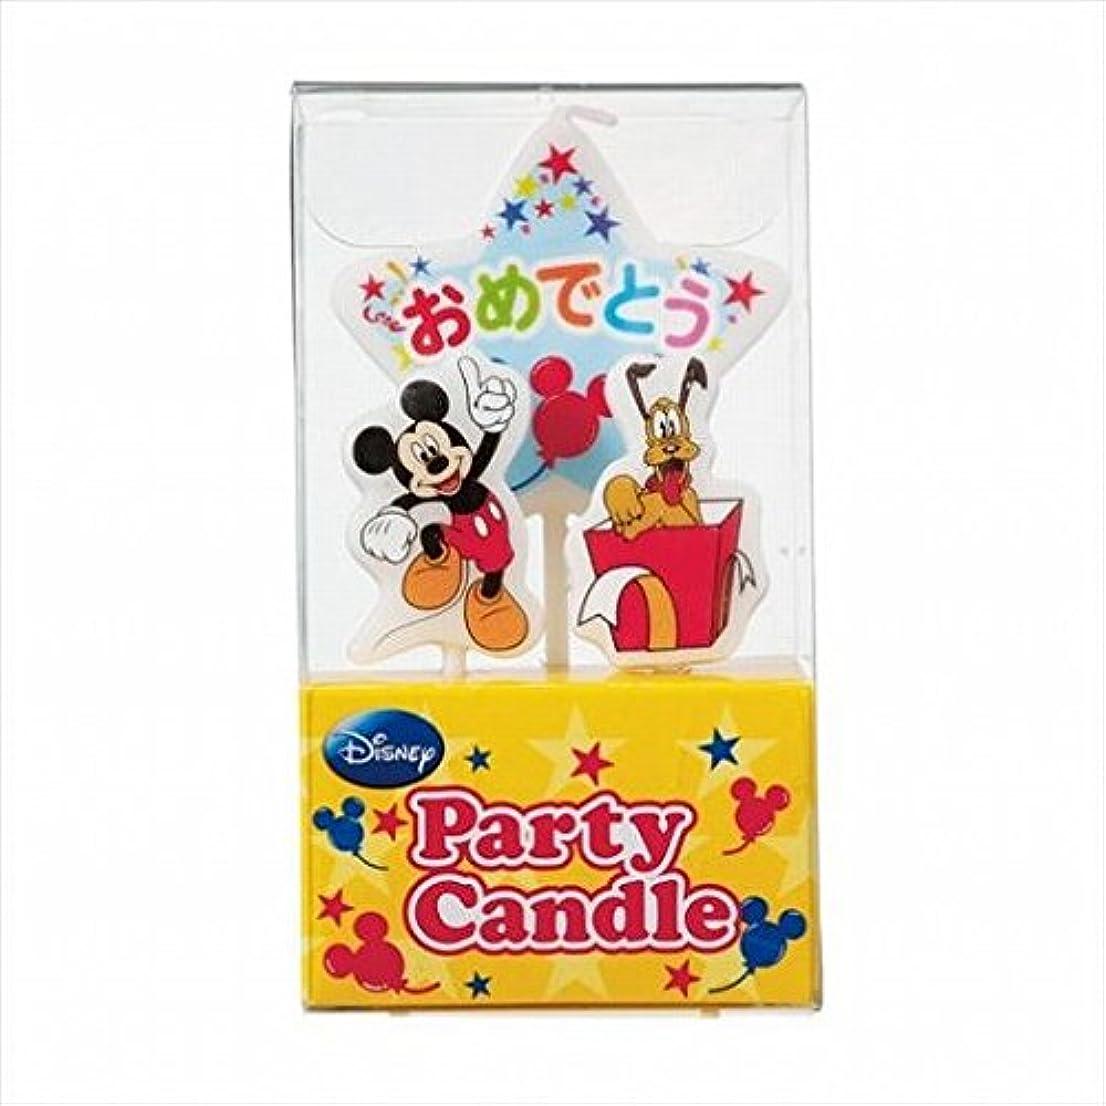 商品差費やすkameyama candle(カメヤマキャンドル) ディズニーパーティーキャンドル【ケーキ用キャンドル】 「 ミッキー 」(A3120010)